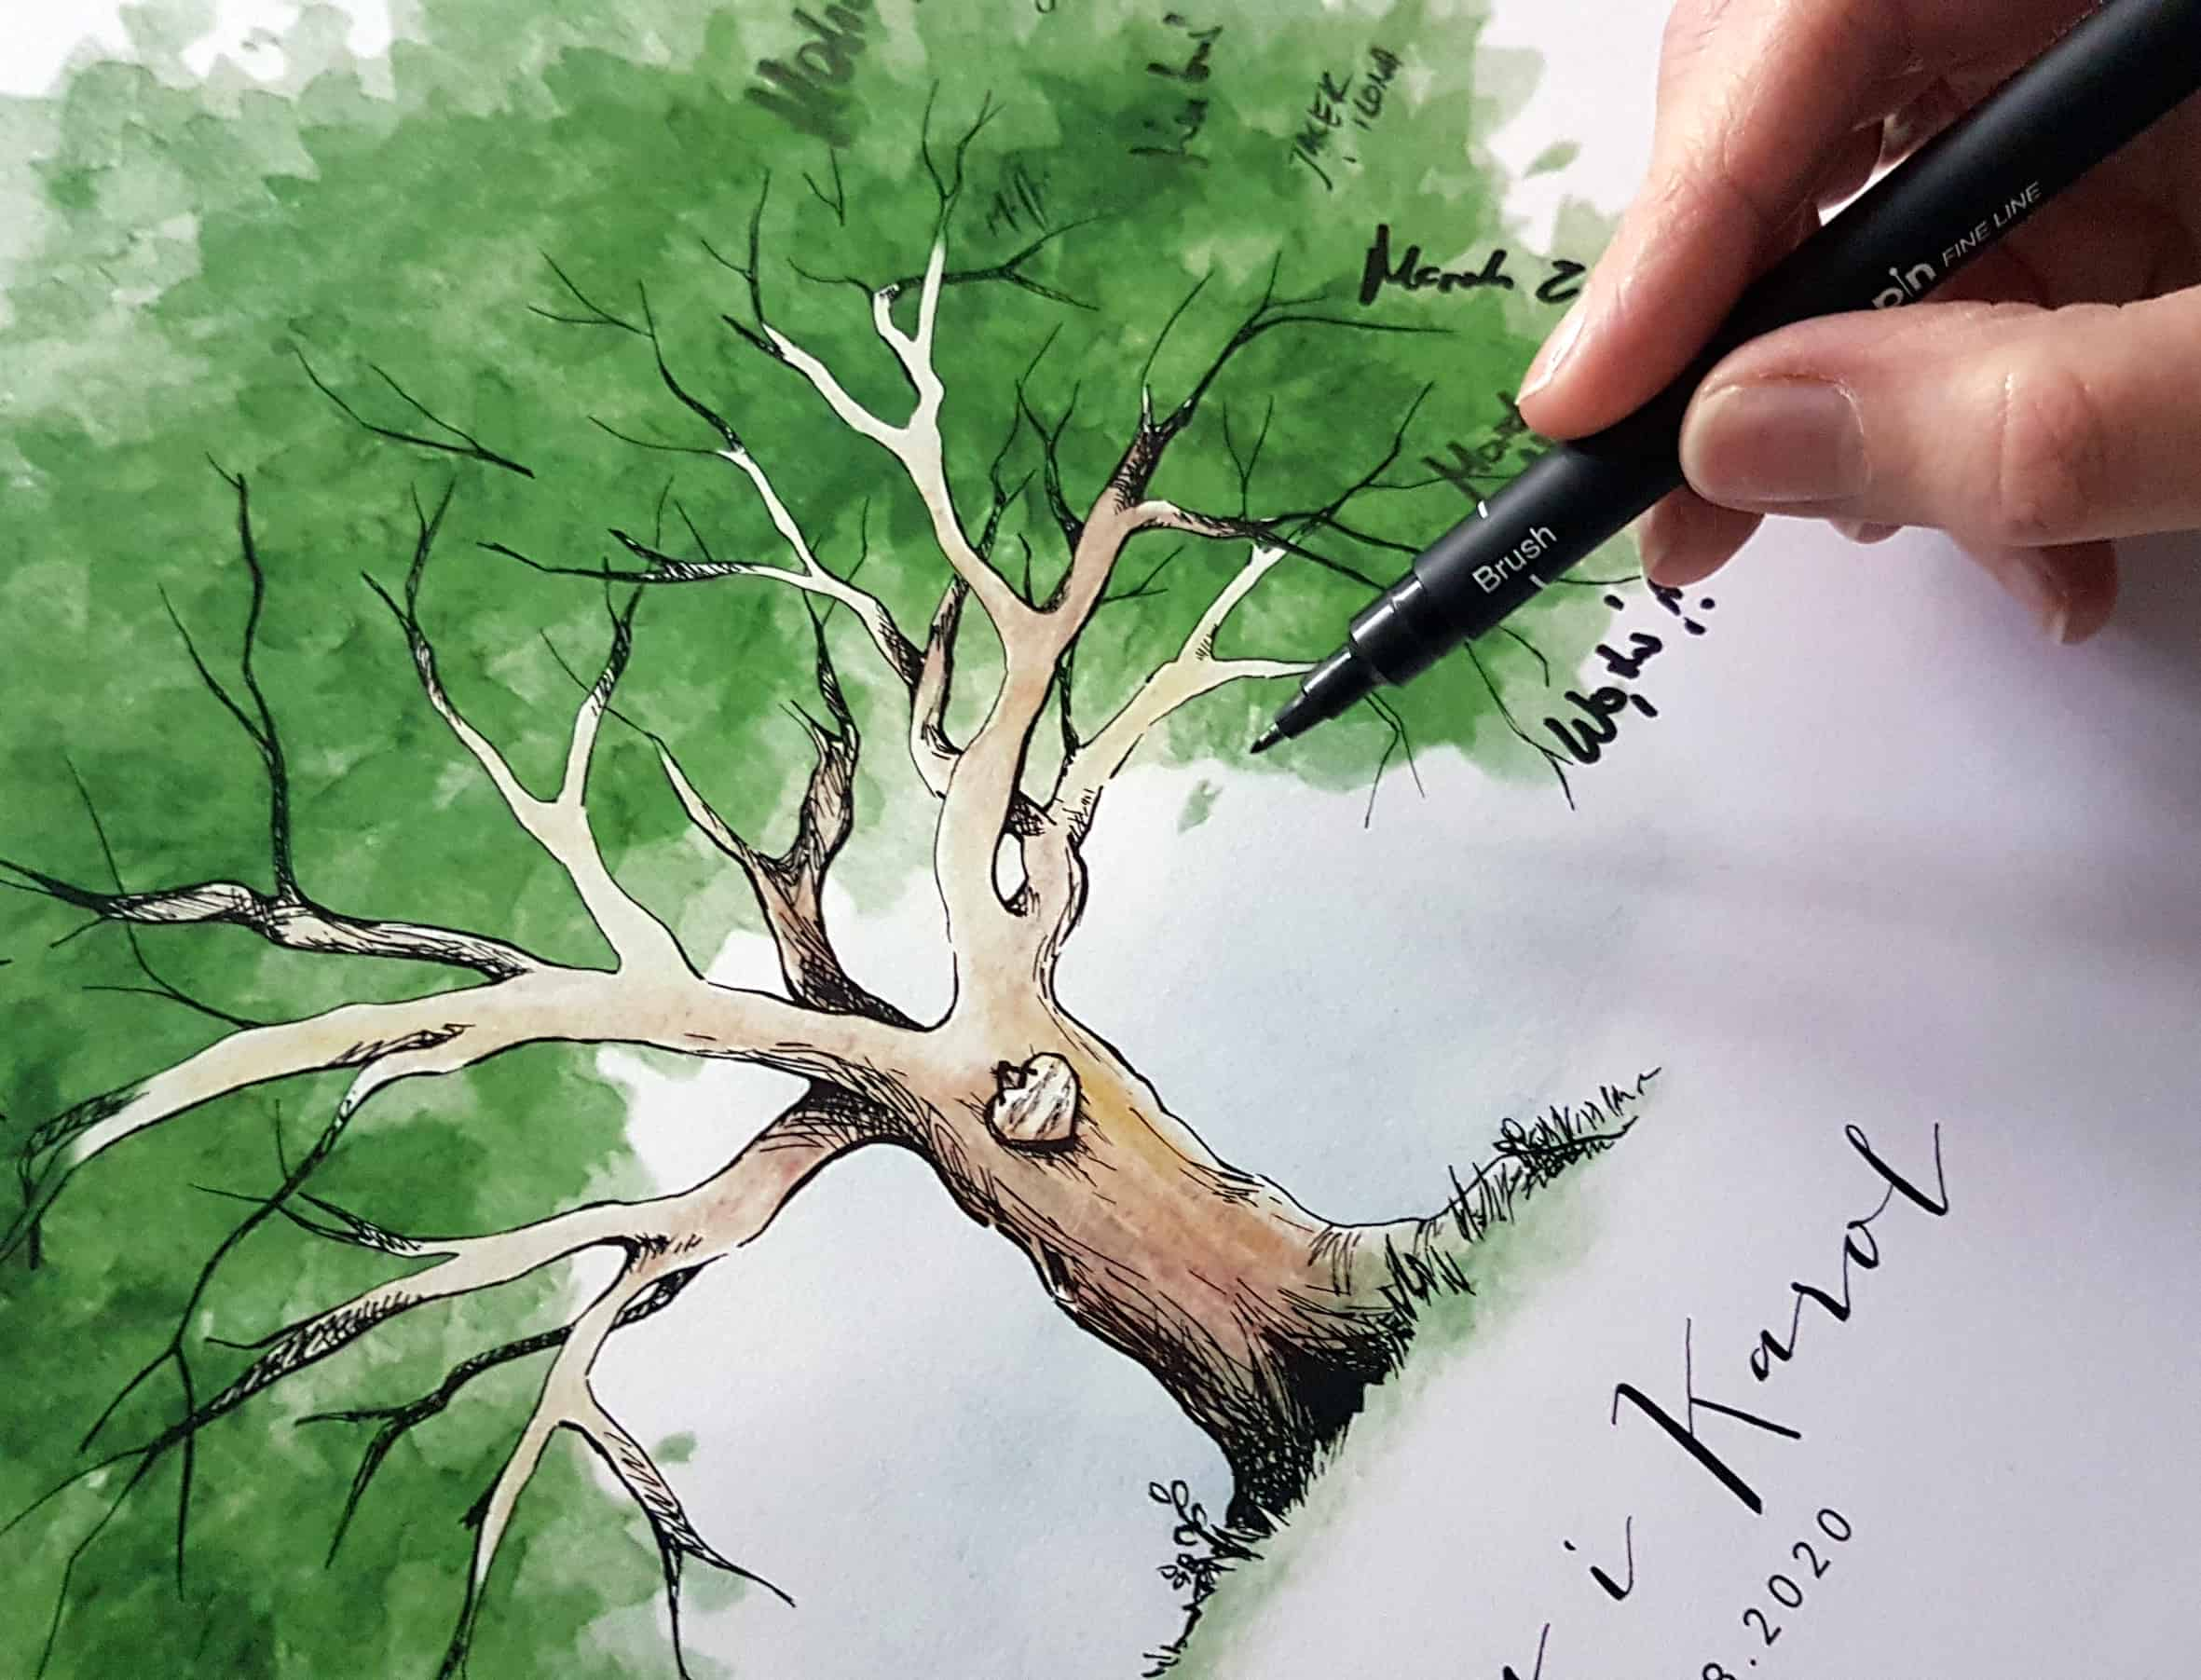 Drzewko do pozostawiania podpisów i życzeń przez gości weselnych